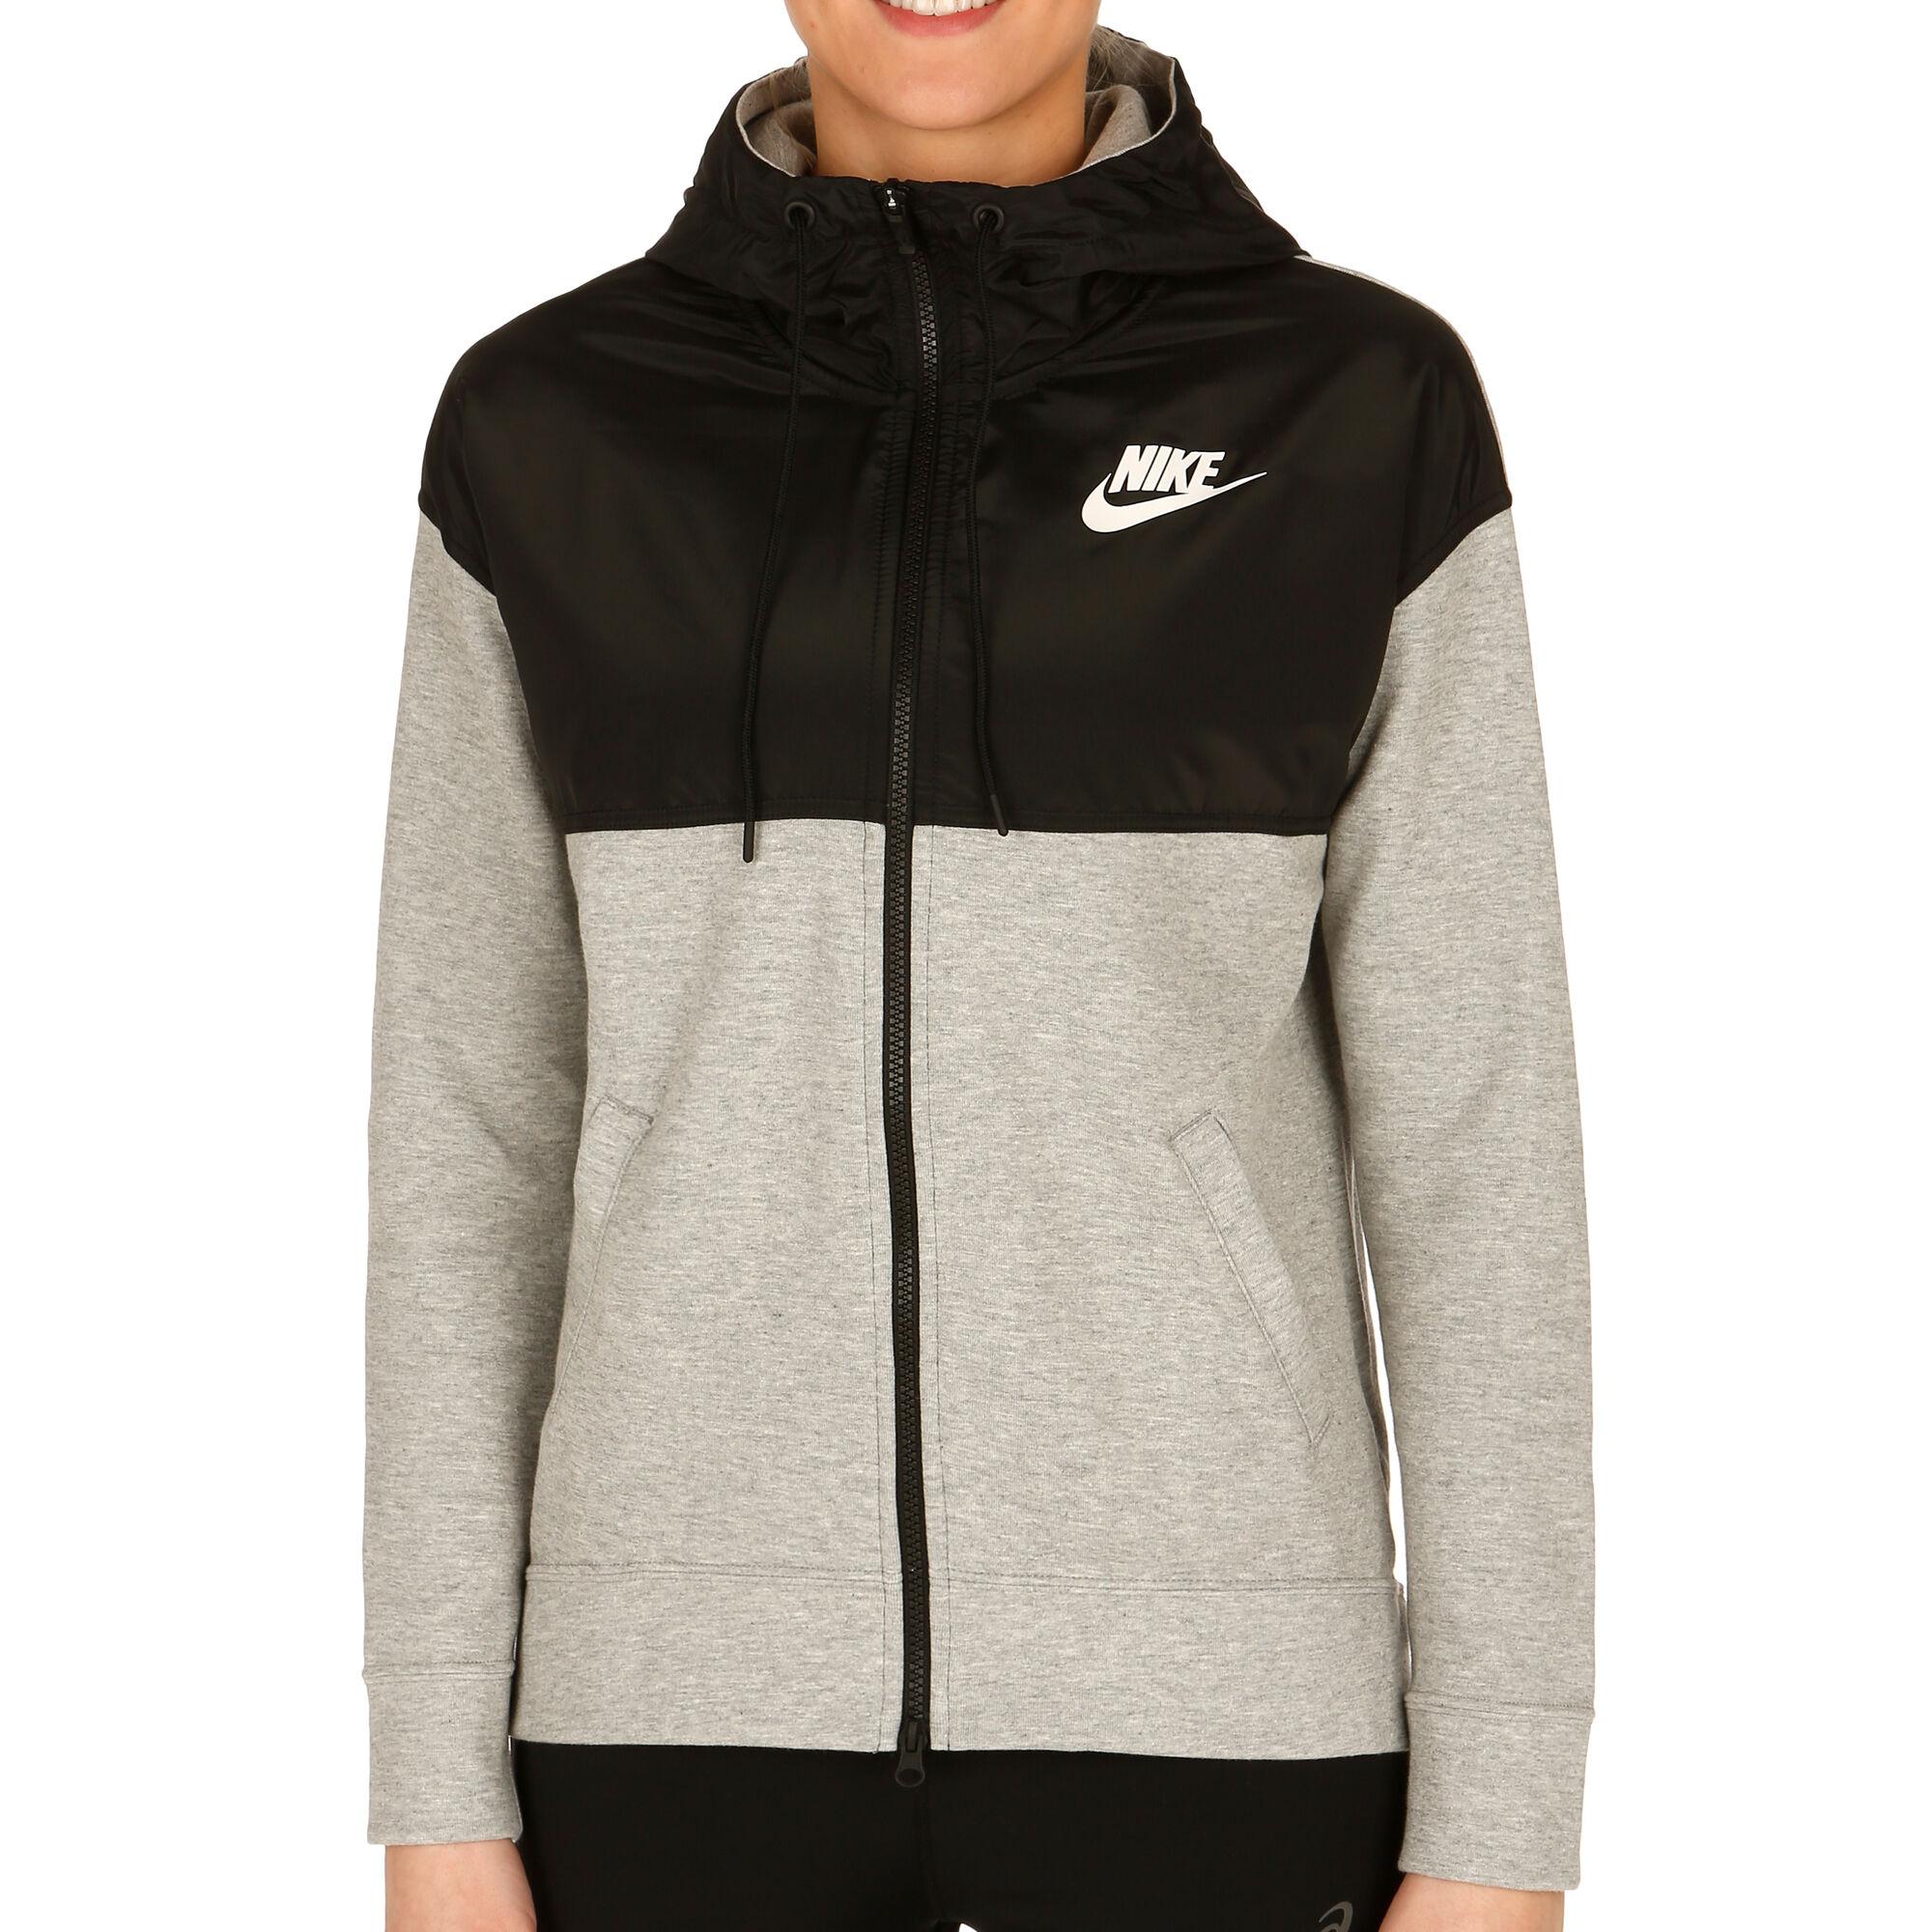 c13b25a7d38 Nike Advance 15 Sportjas Dames - Grijs, Zwart online kopen | Tennis ...